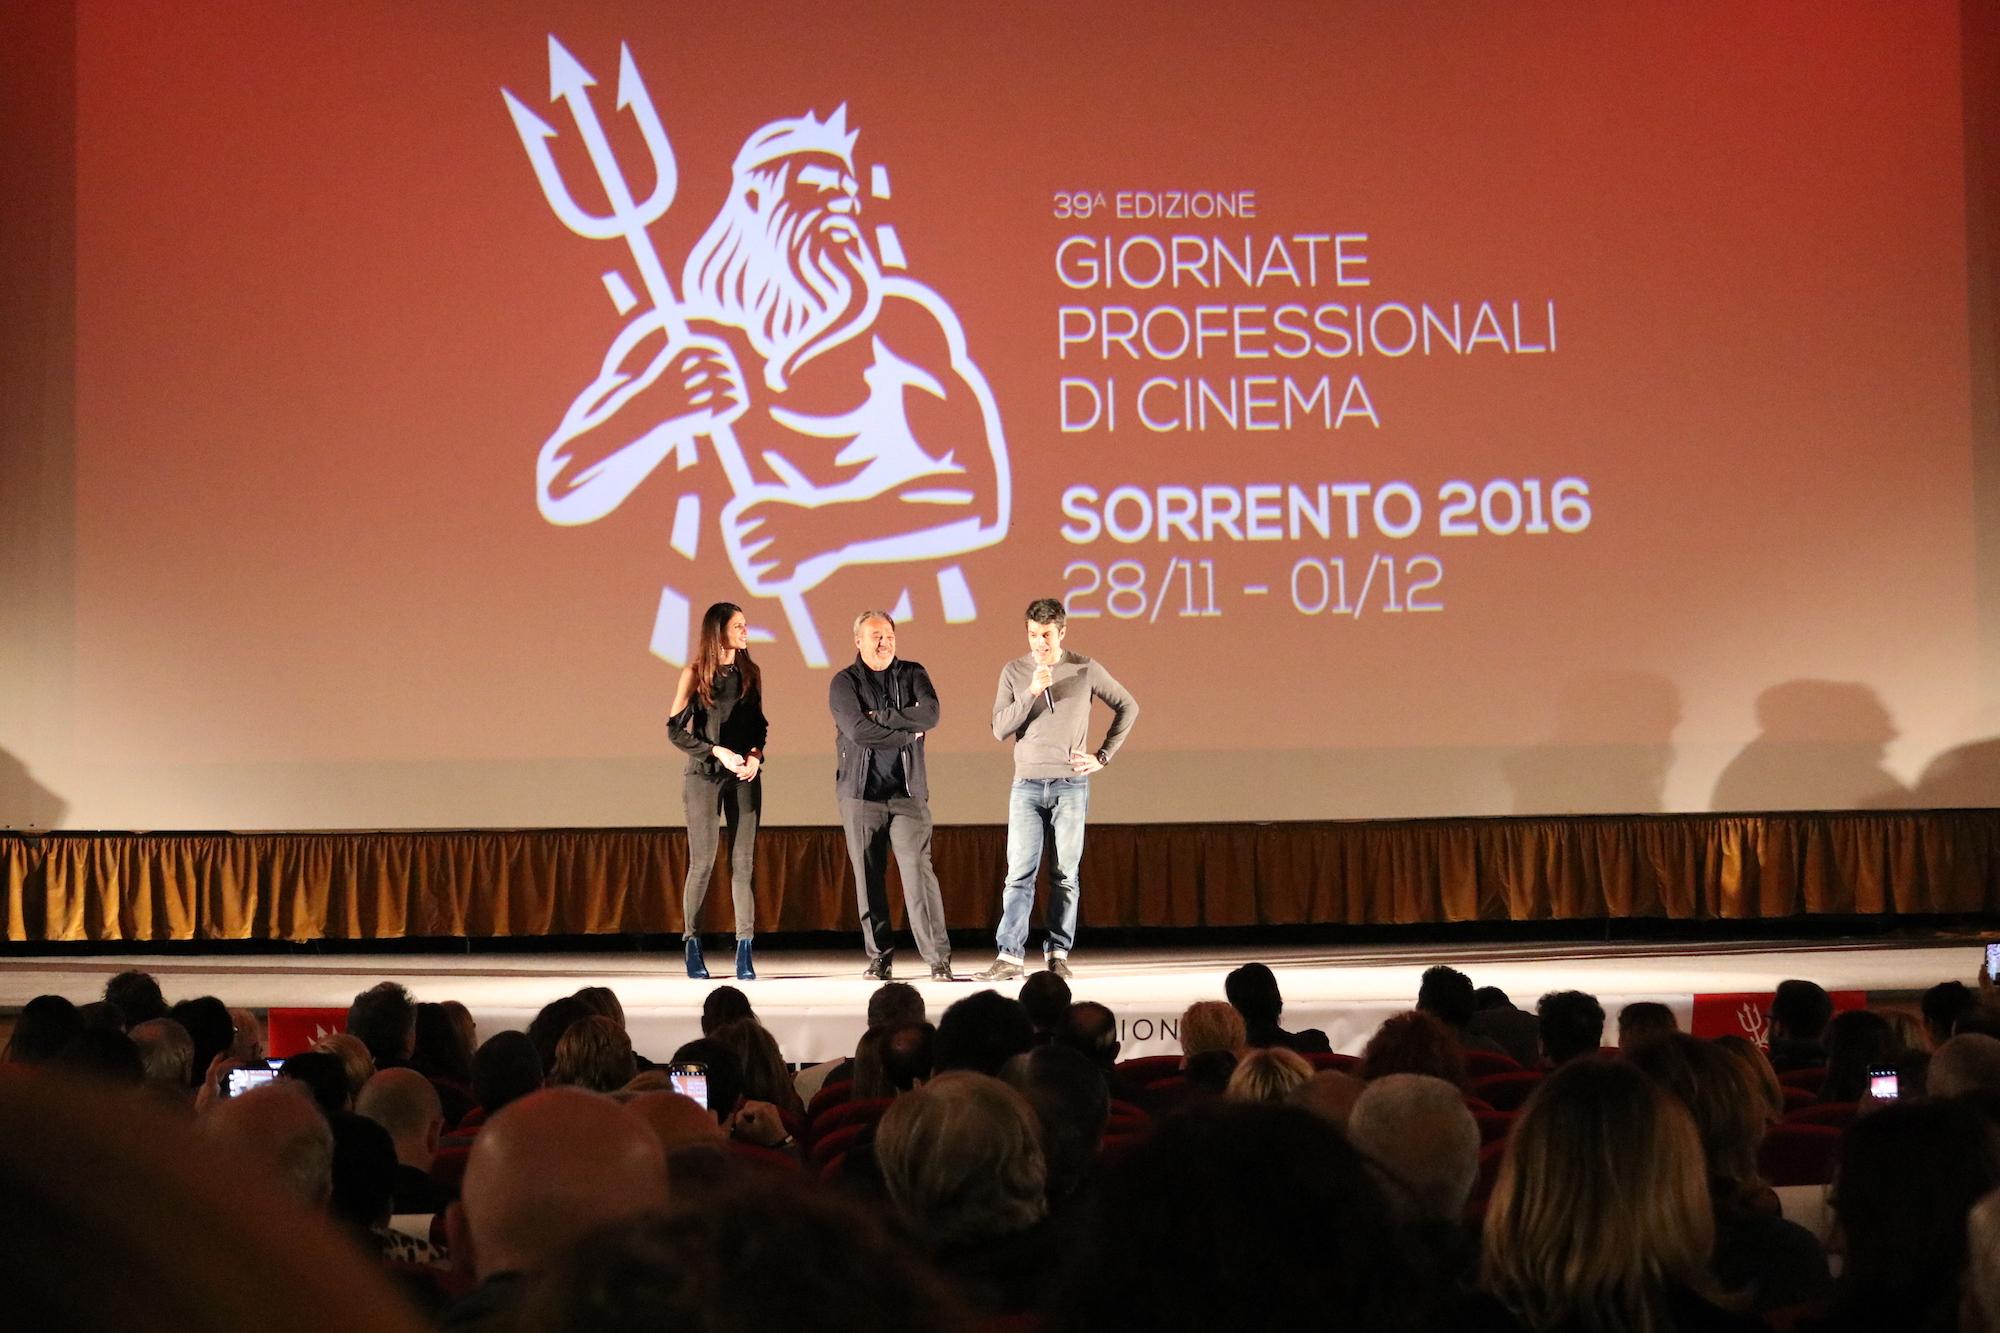 Il permesso: Claudio Amendola e Luca Argentero presentano il film a Sorrento